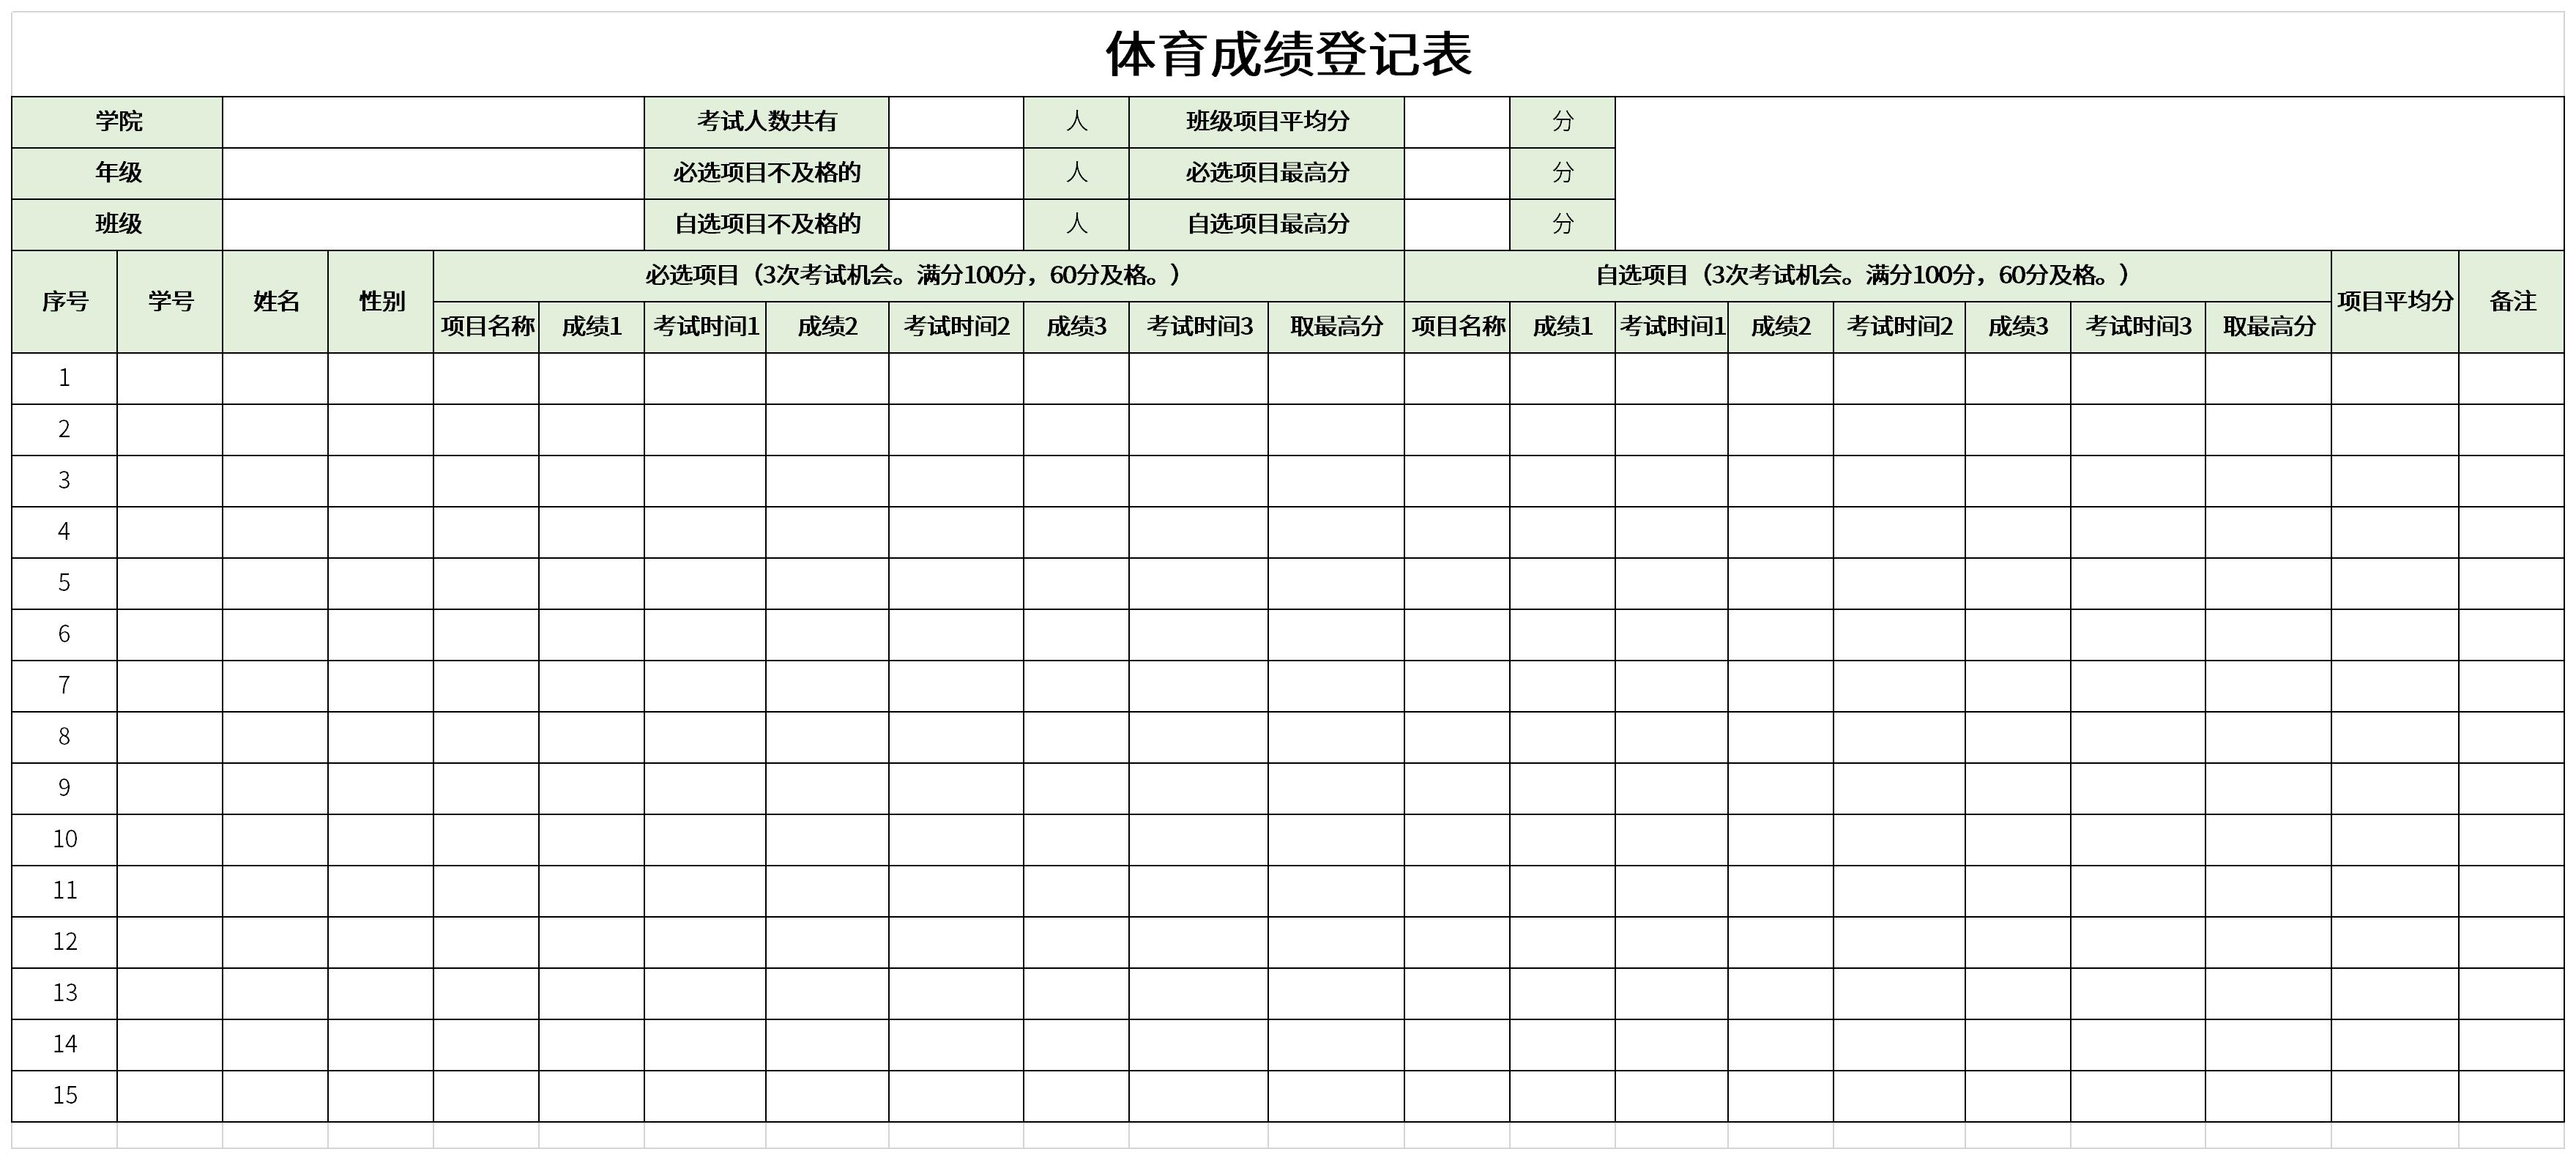 体育成绩登记表截图